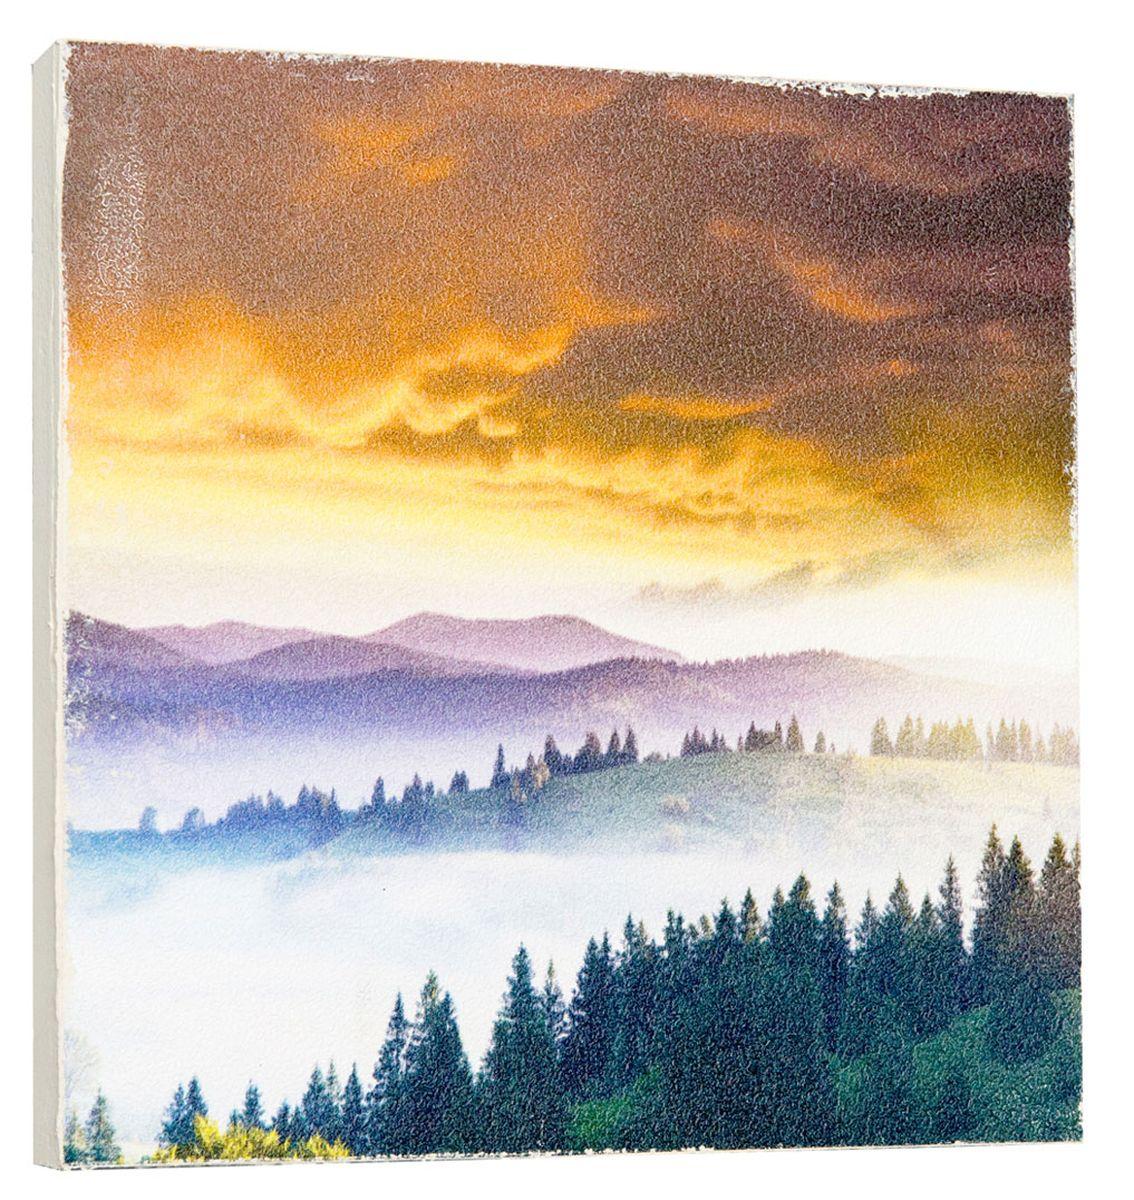 Картина Mister Poster Прекрасный пейзаж, 22 х 22 см0284-22-22Картина Mister Poster - это высококачественная репродукция на деревянной раме. Лицевая поверхность имитирует штукатурку или натуральный холст, края окрашены вручную специальным декоративным составом. Современные технологии, уникальное оборудование и оригинальные чернила, используемые при изготовлении, делают постер устойчивым к выцветанию, а также гарантируют стойкость к воздействию негативных внешних факторов. Интерьер дома и офиса, в котором находится человек, в значительной степени влияет на его настроение и работоспособность. Правильное оформление интерьера создает благоприятный психологический климат, улучшает настроение и мотивирует. Добавьте «красок» в ваш интерьер и, возможно, в вашу жизнь.